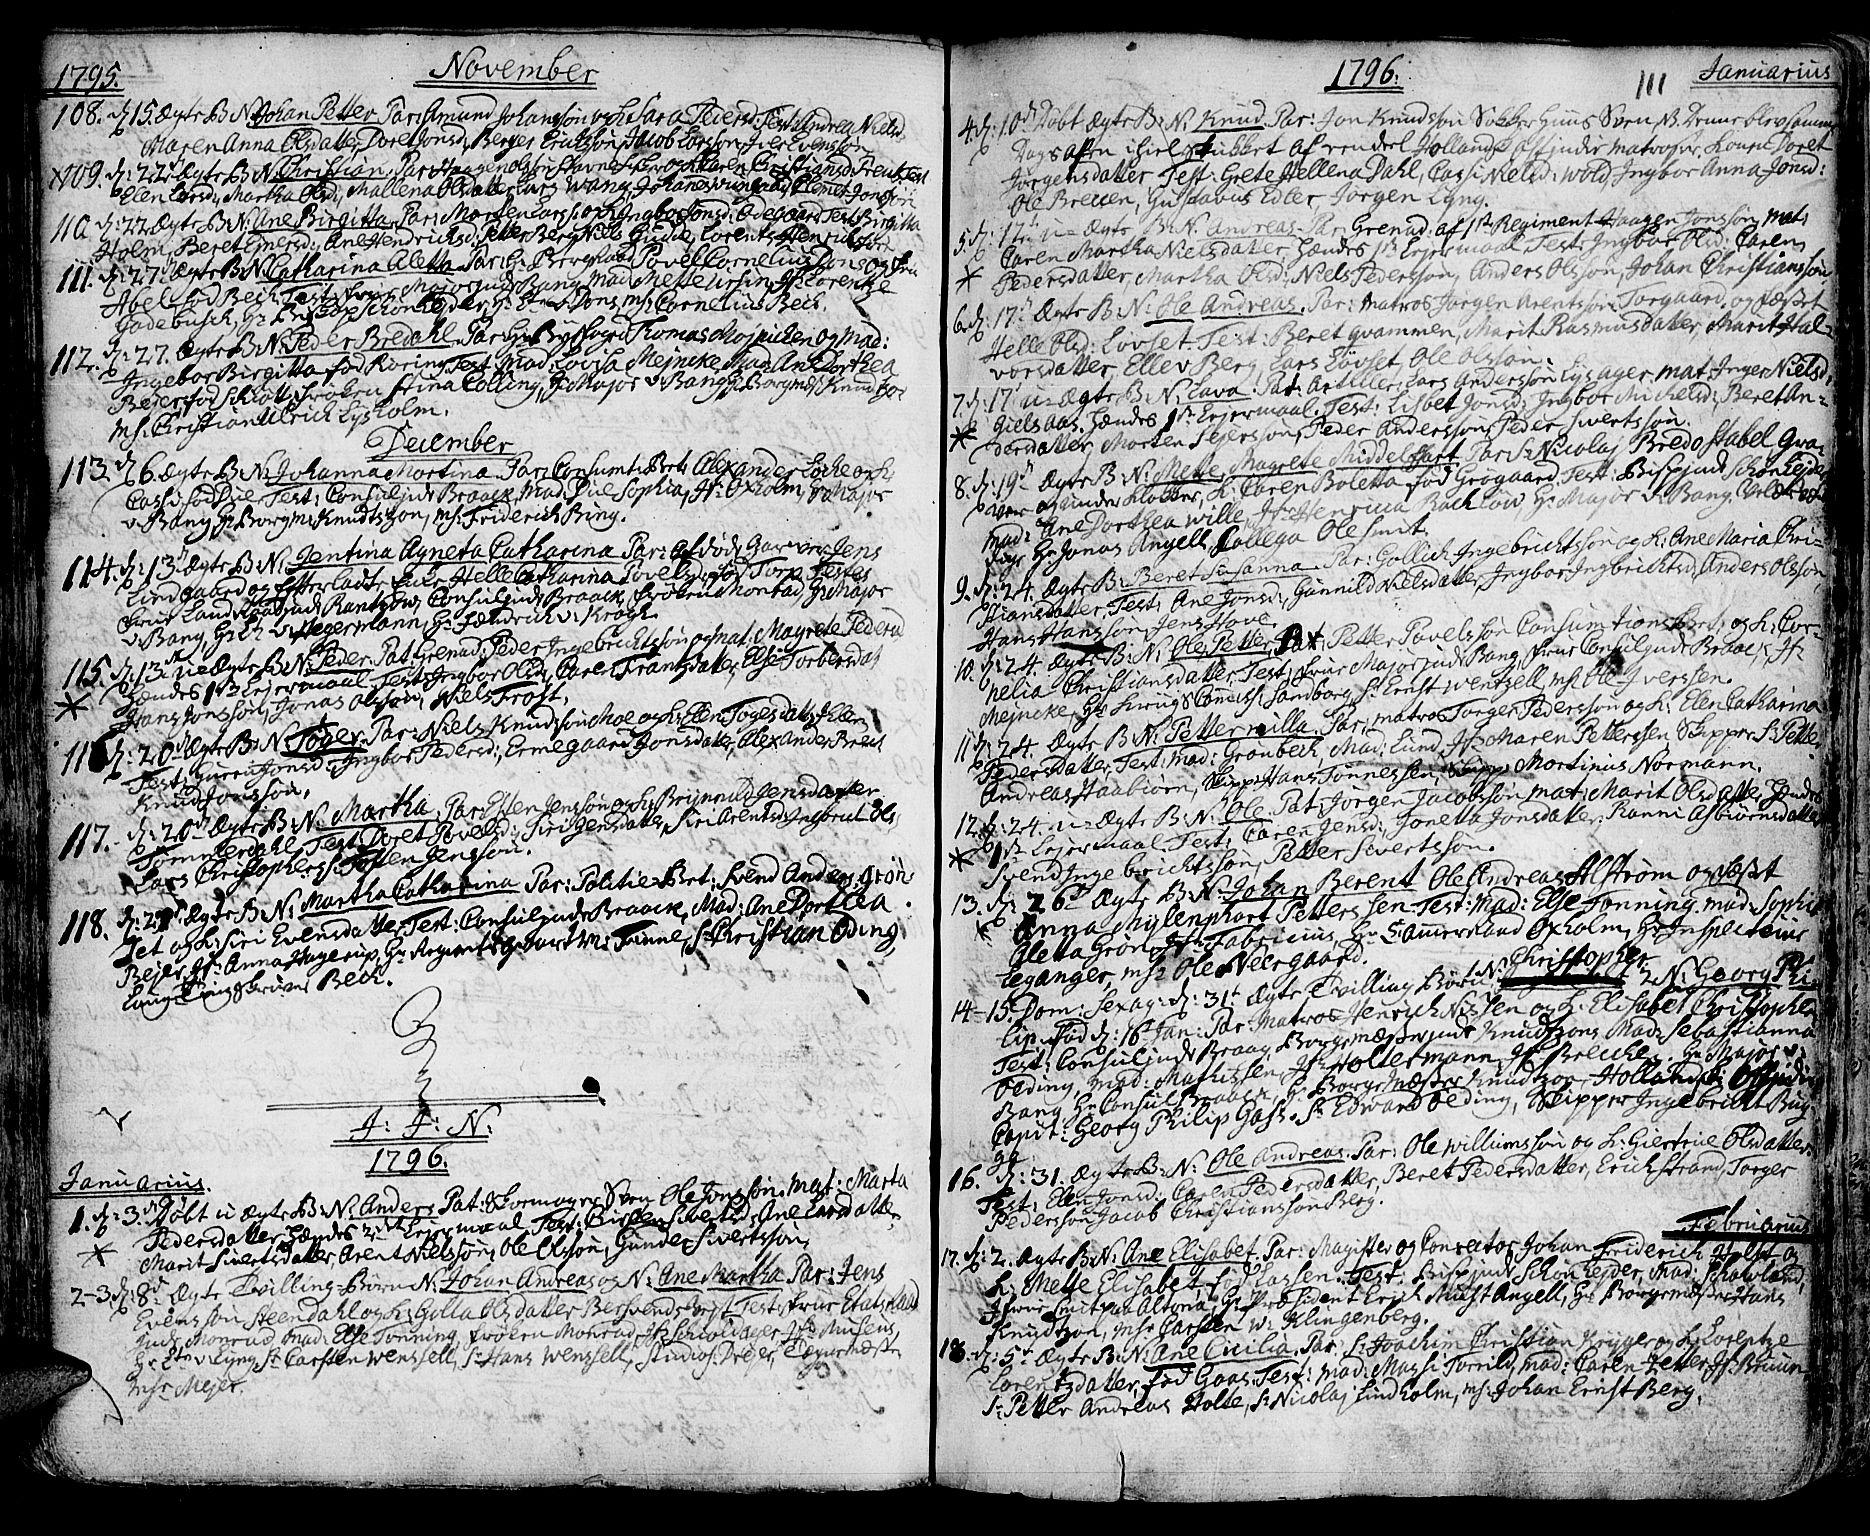 SAT, Ministerialprotokoller, klokkerbøker og fødselsregistre - Sør-Trøndelag, 601/L0039: Ministerialbok nr. 601A07, 1770-1819, s. 111